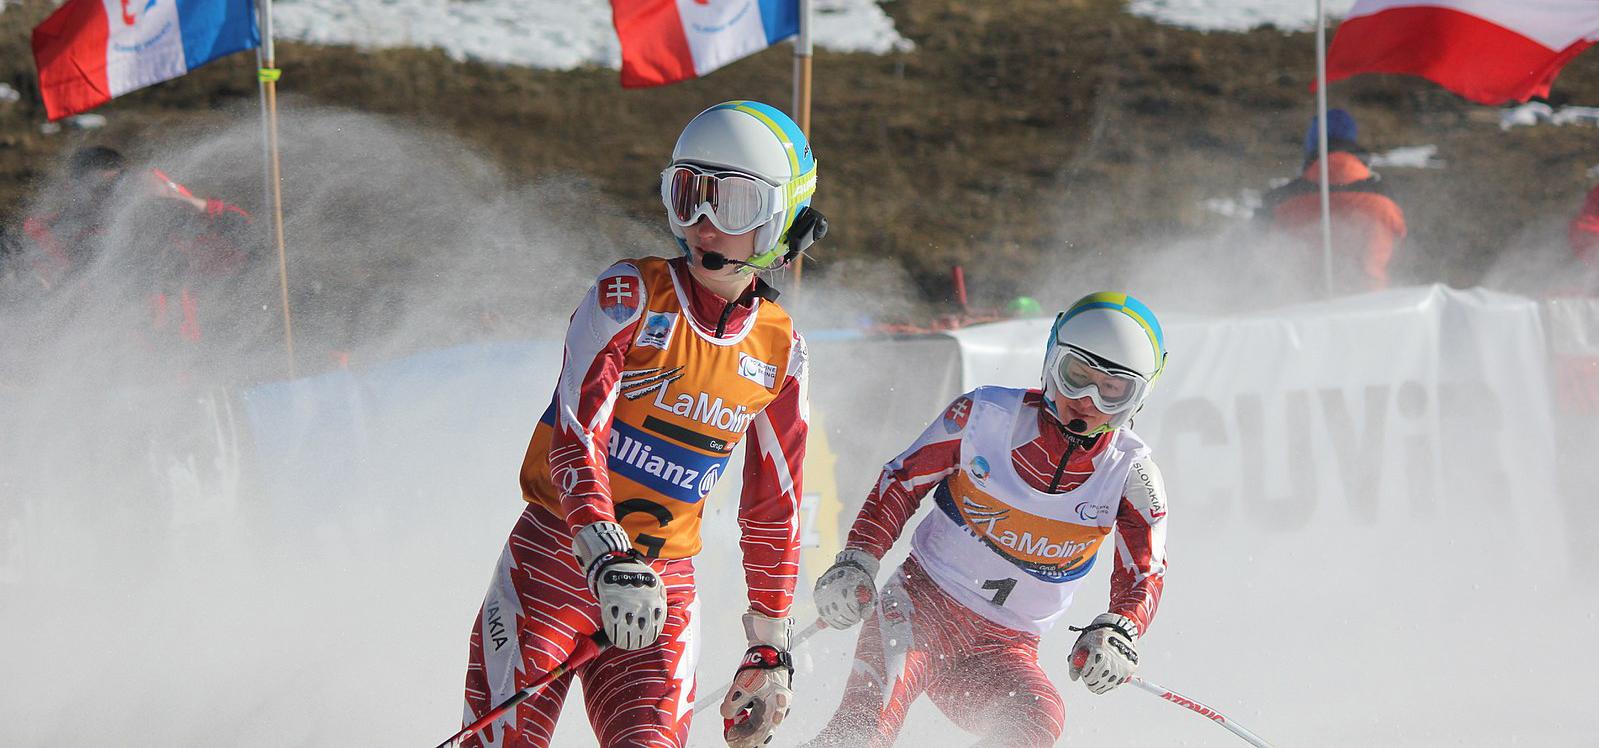 The women's visually impaired Super-G event, 2013 IPC Alpine World Championships. Henrieta Farkasova guided by Natalia Subtrova.